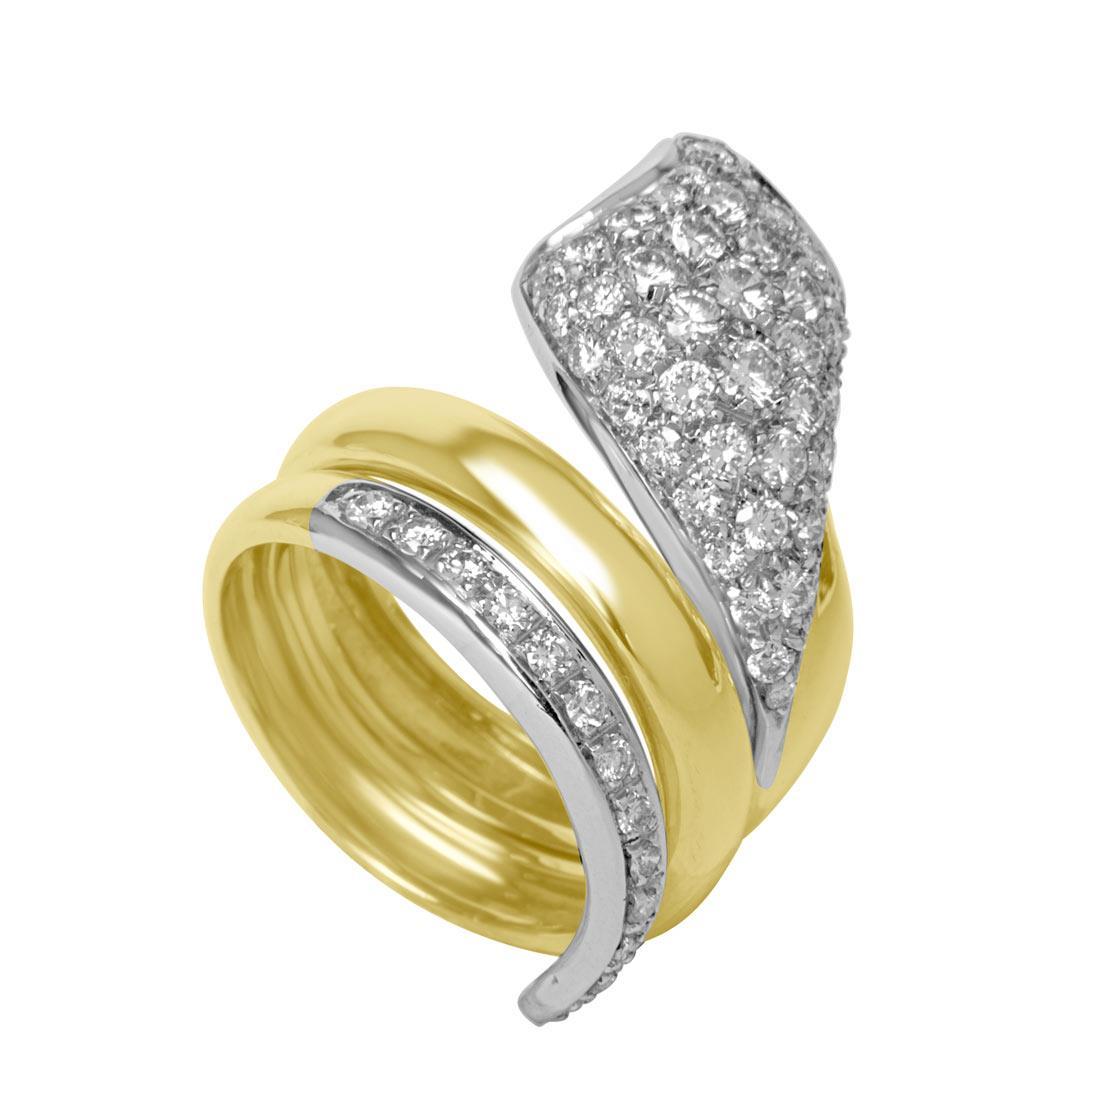 Anello Oro & Co in oro bianco e oro giallo con diamanti ct 1,45 colore G purezza SI  - ORO&CO